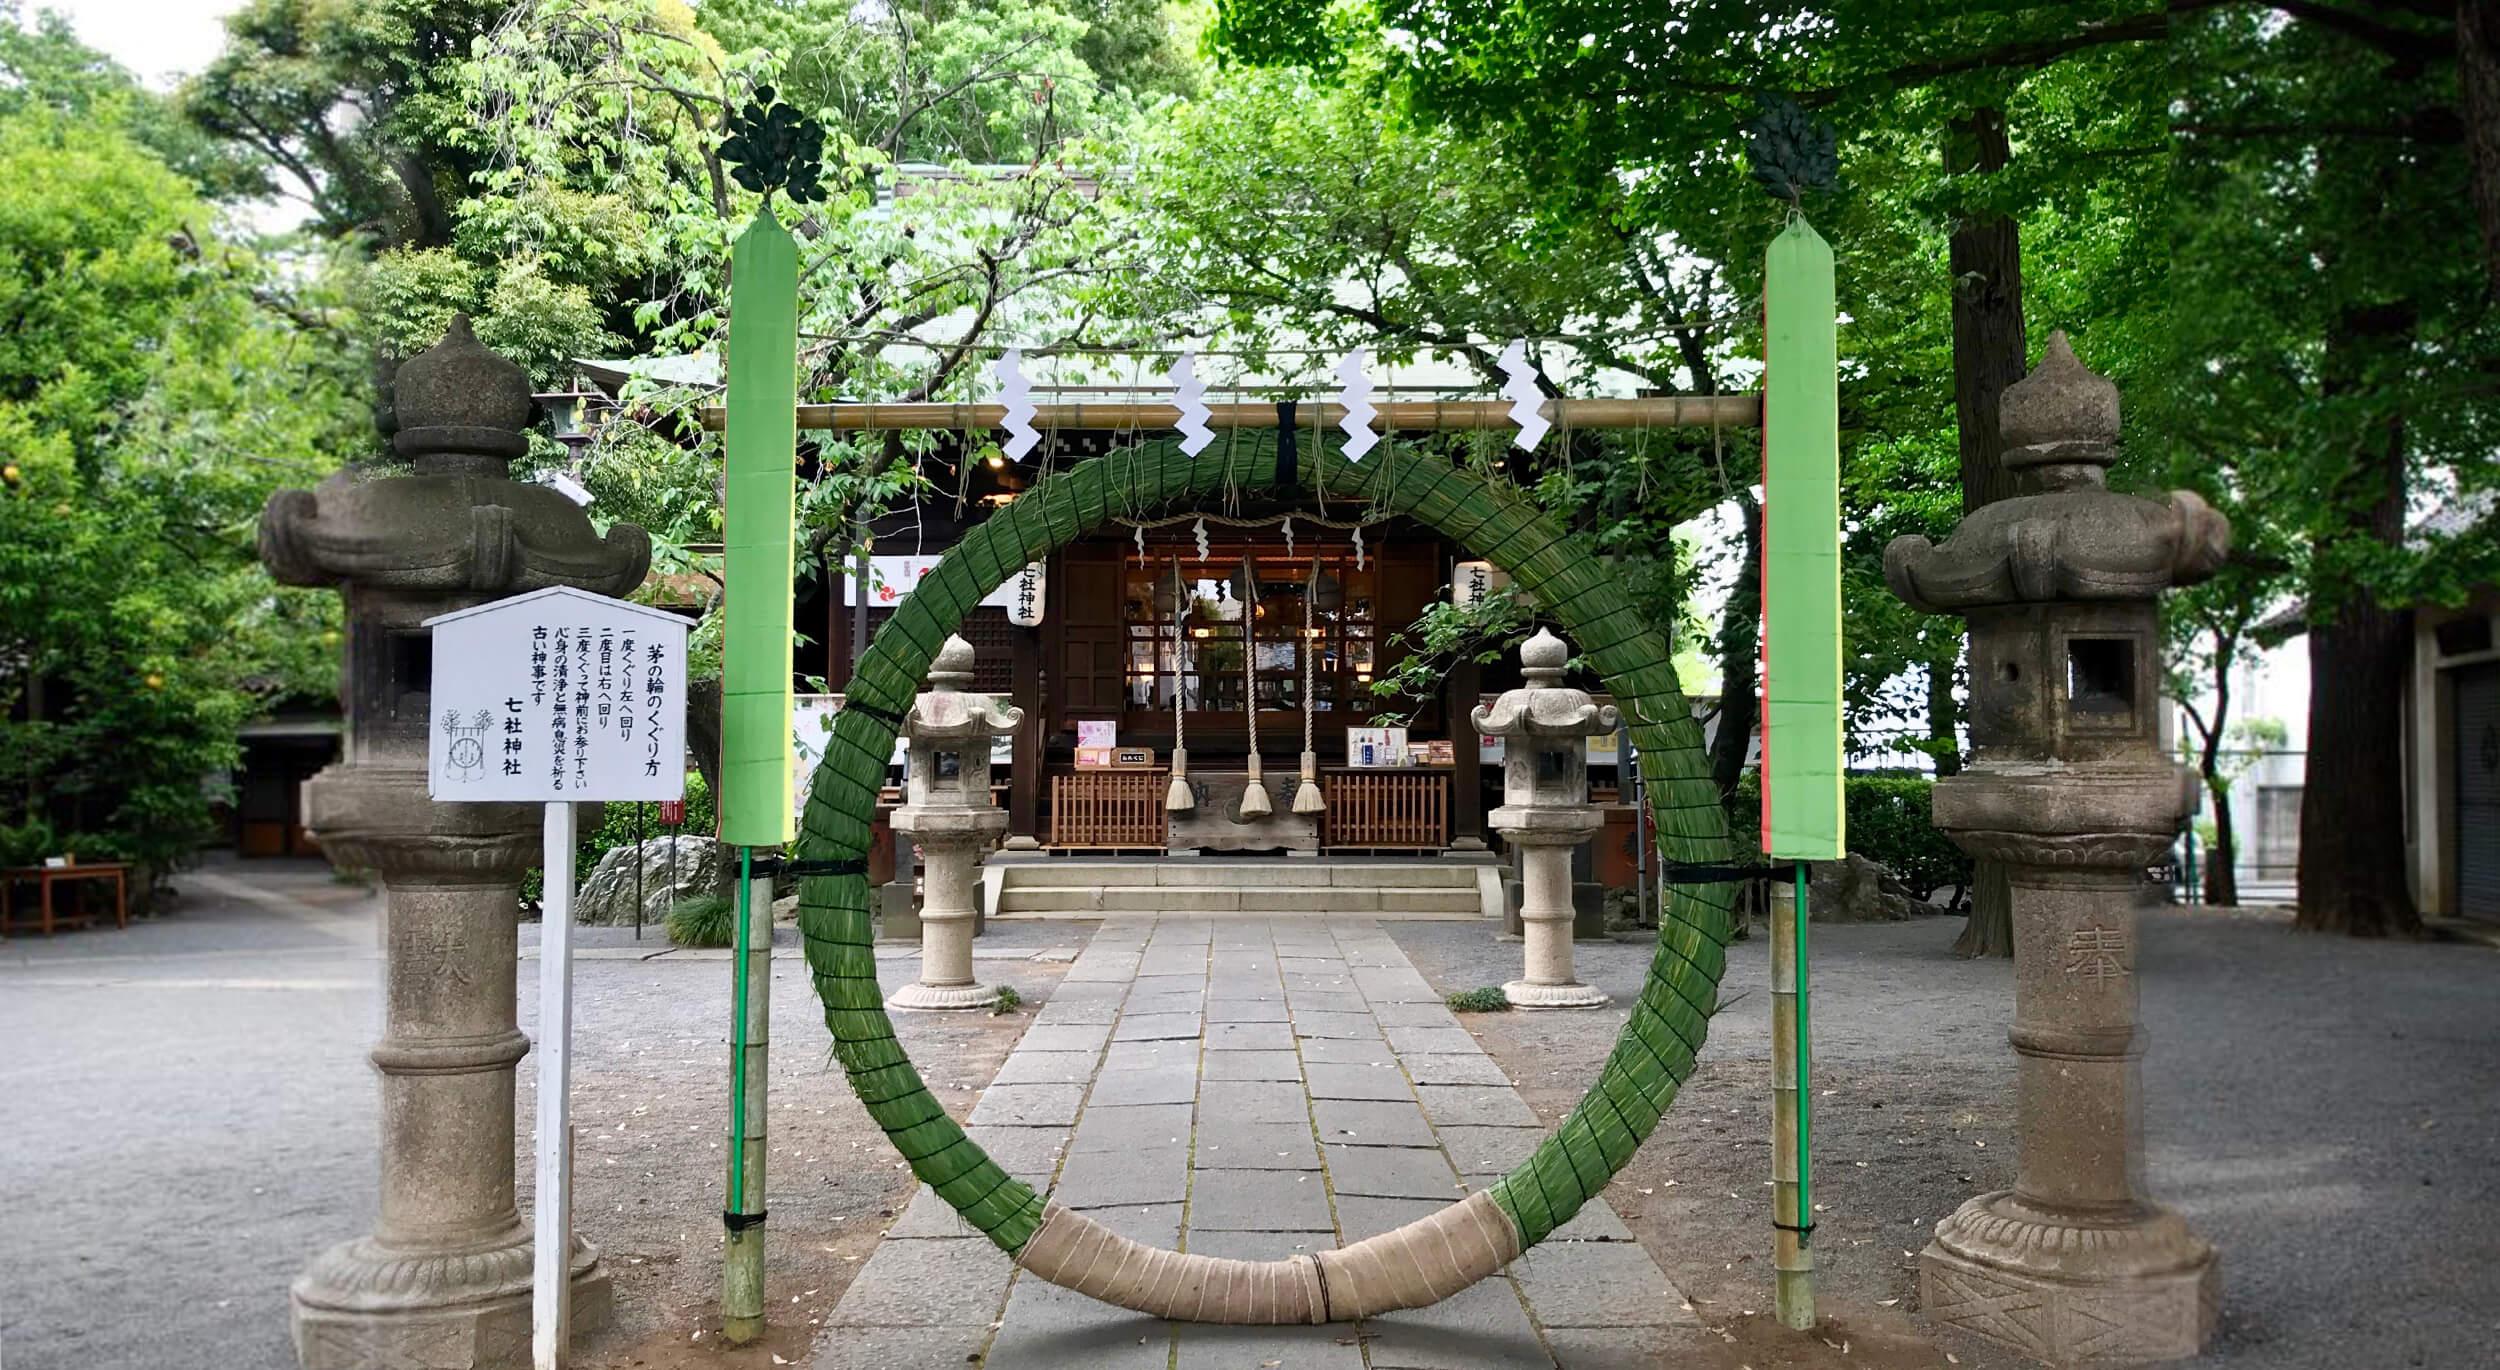 北区西ヶ原にある七社神社は、北区でも珍しい「茅の輪くぐり」を行っている神社です。